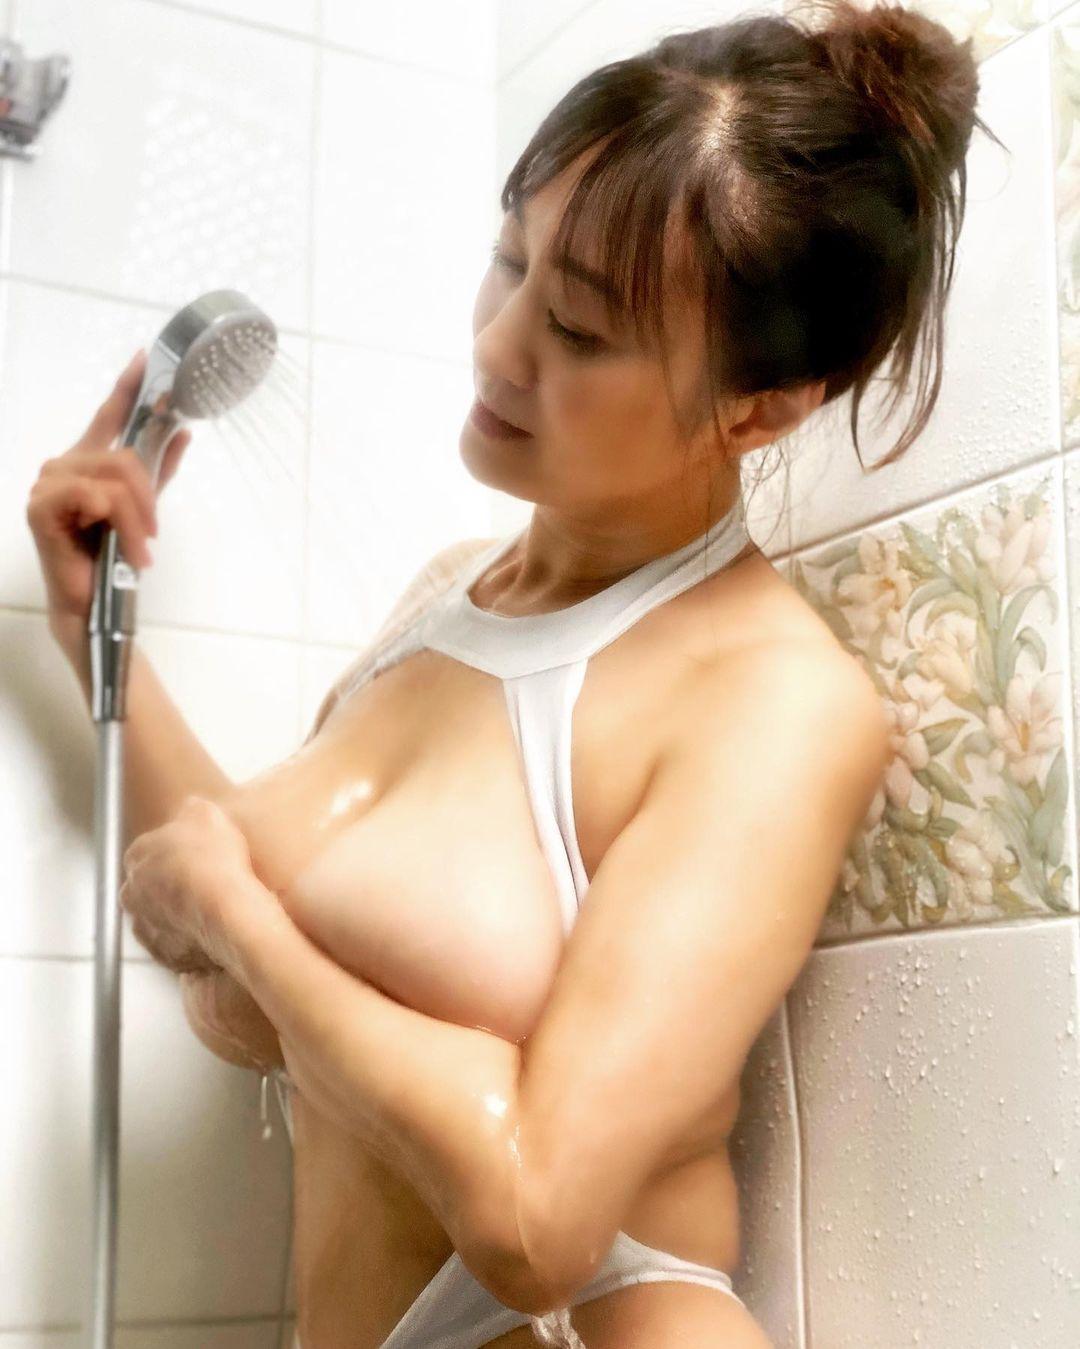 「私が癒やしてあげるから、、ずーっと側にいようね」魅惑のシャワーショットを公開【沢地優佳さん/2021年9月7日】